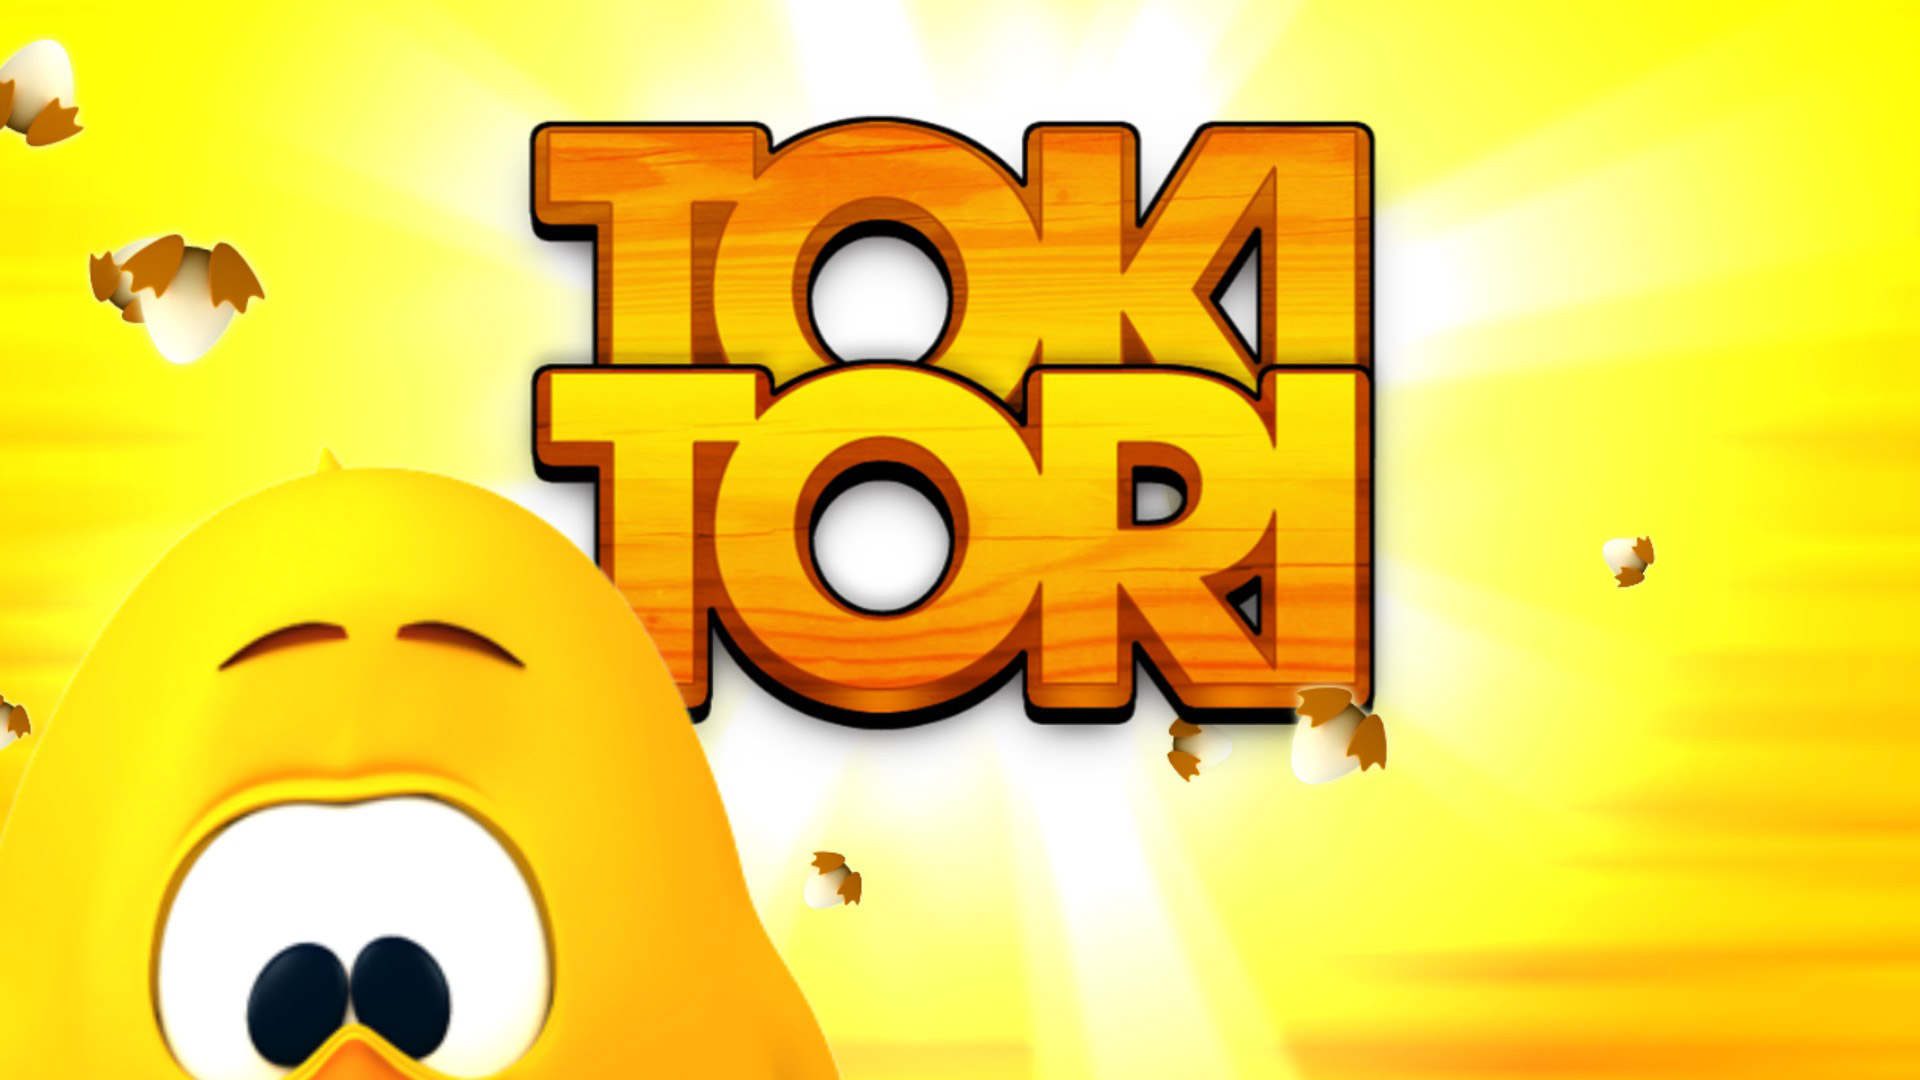 Toki Tori Wallpaper in 1920x1080